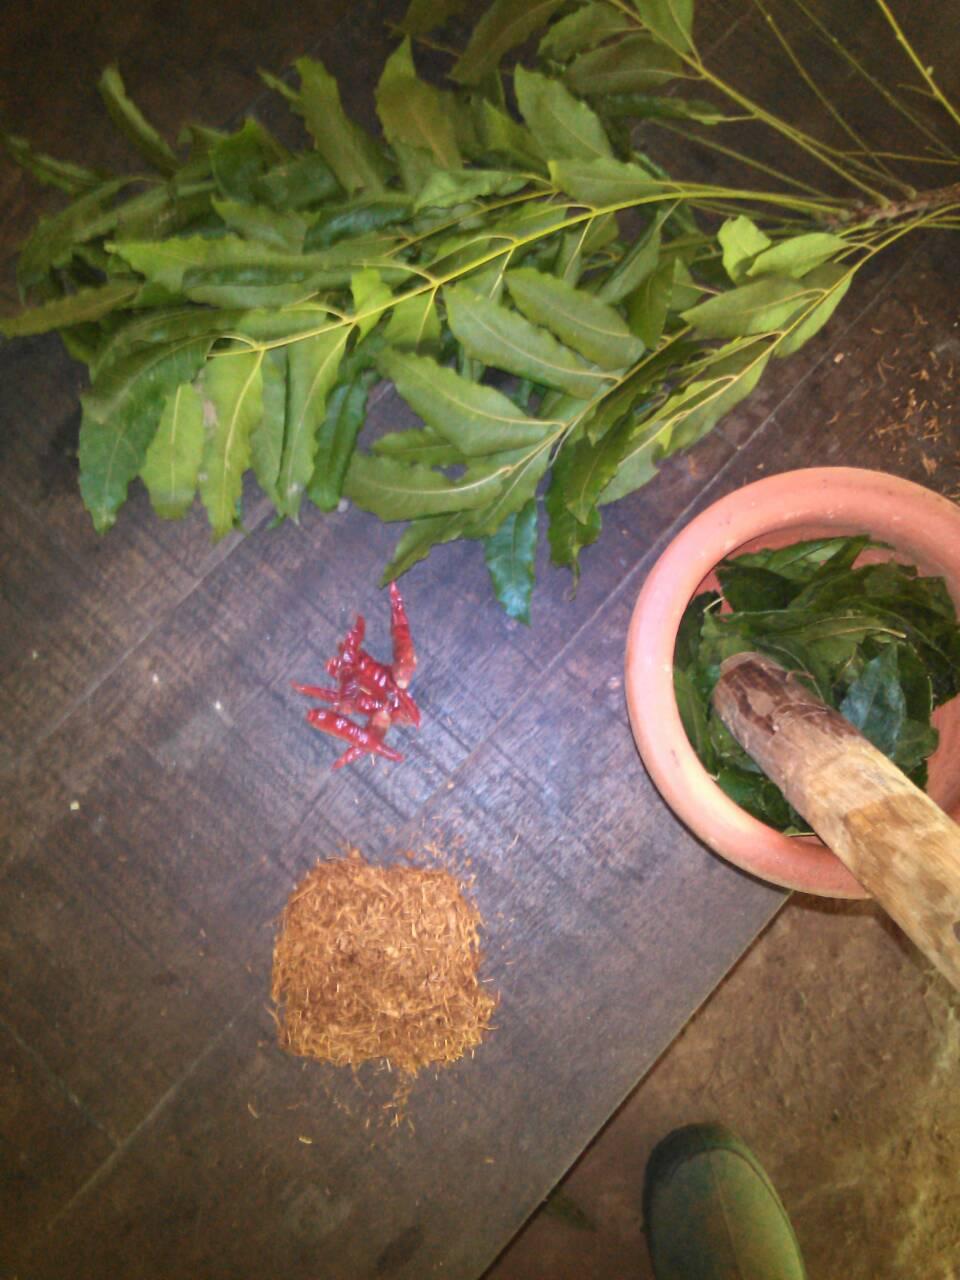 how to make tobacco pesticide